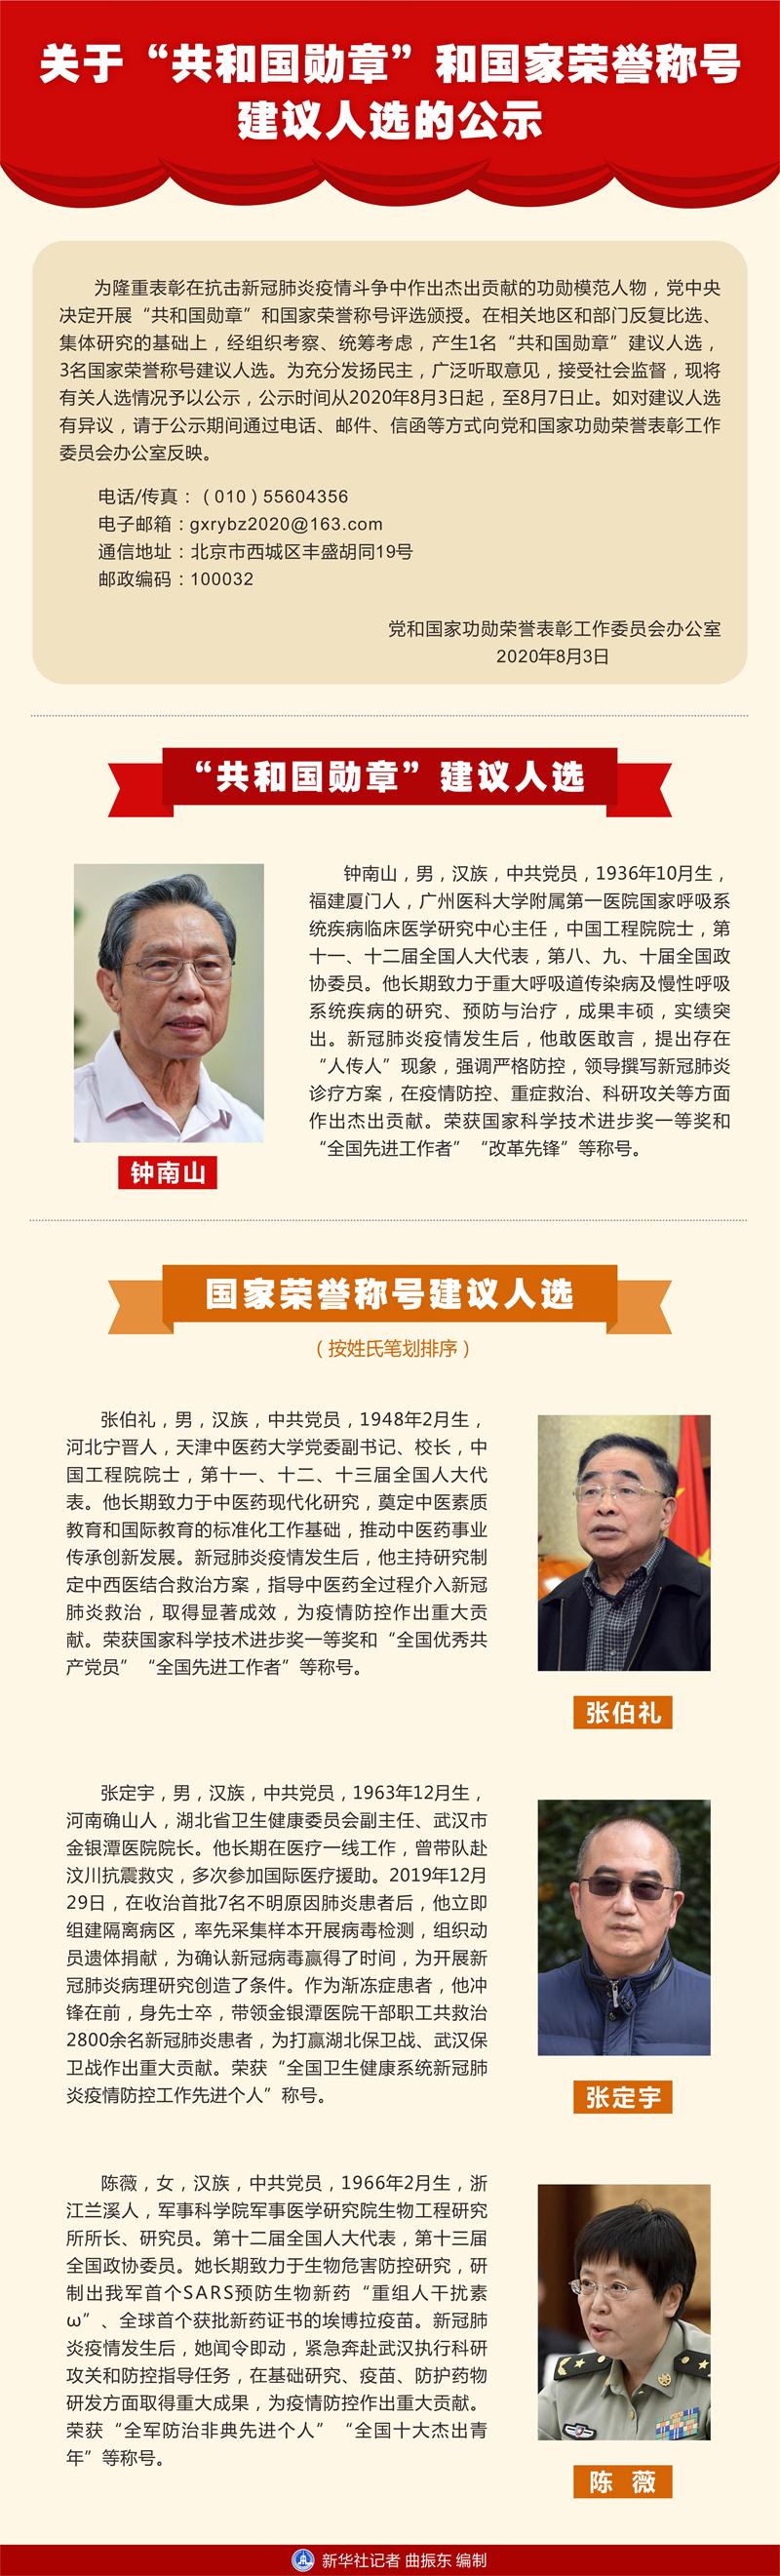 """""""共和国勋章""""和国家荣誉称号建议人选公示 钟南山上榜"""